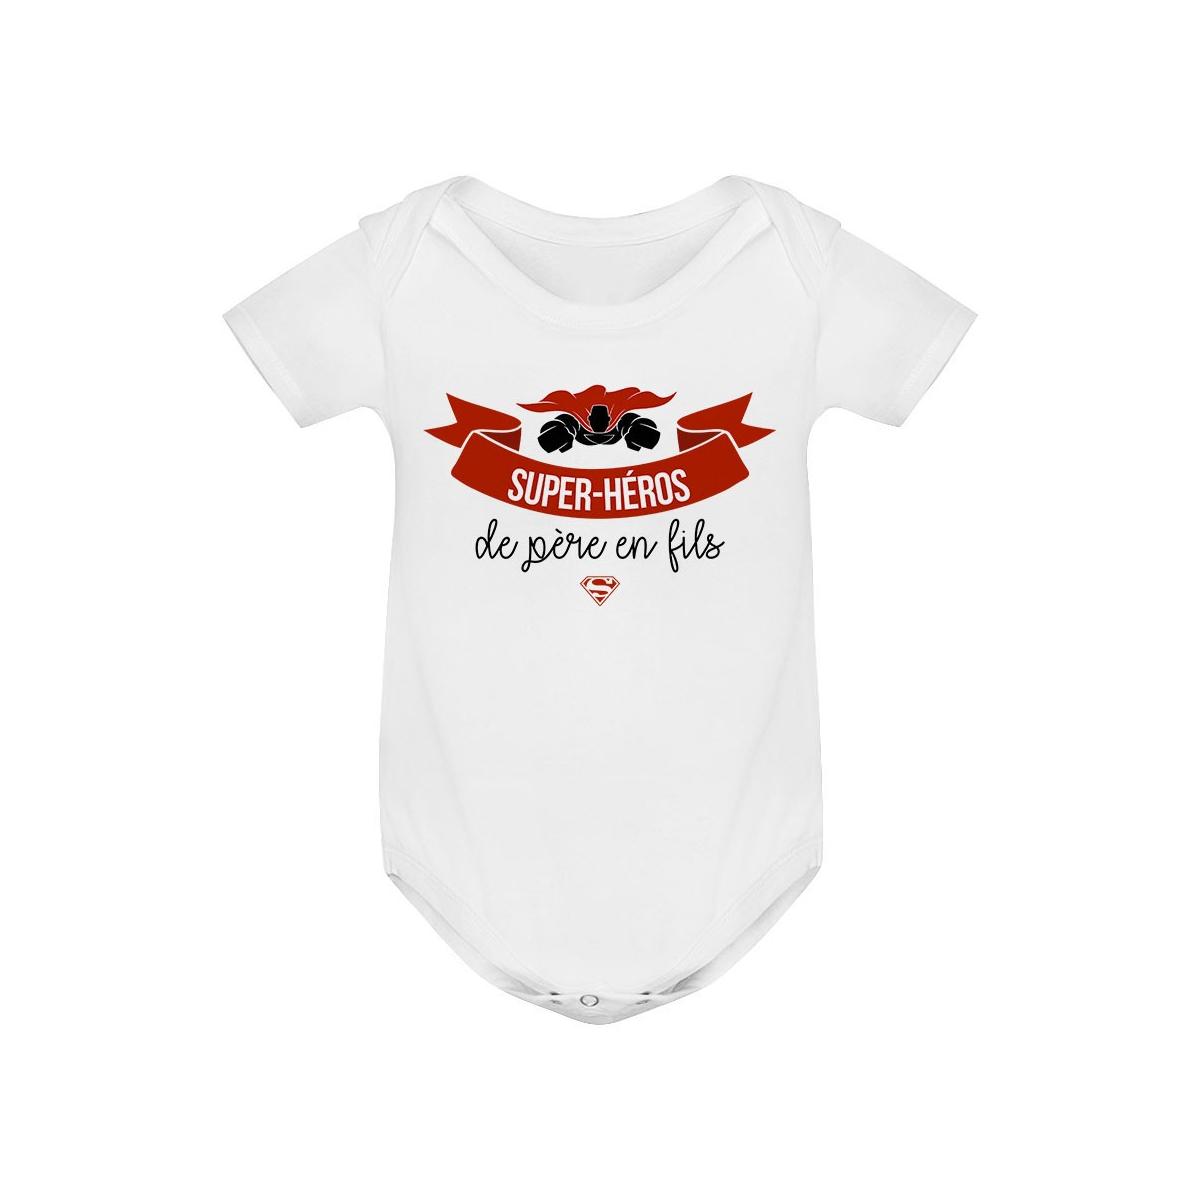 Body bébé Super-héros de père en fils